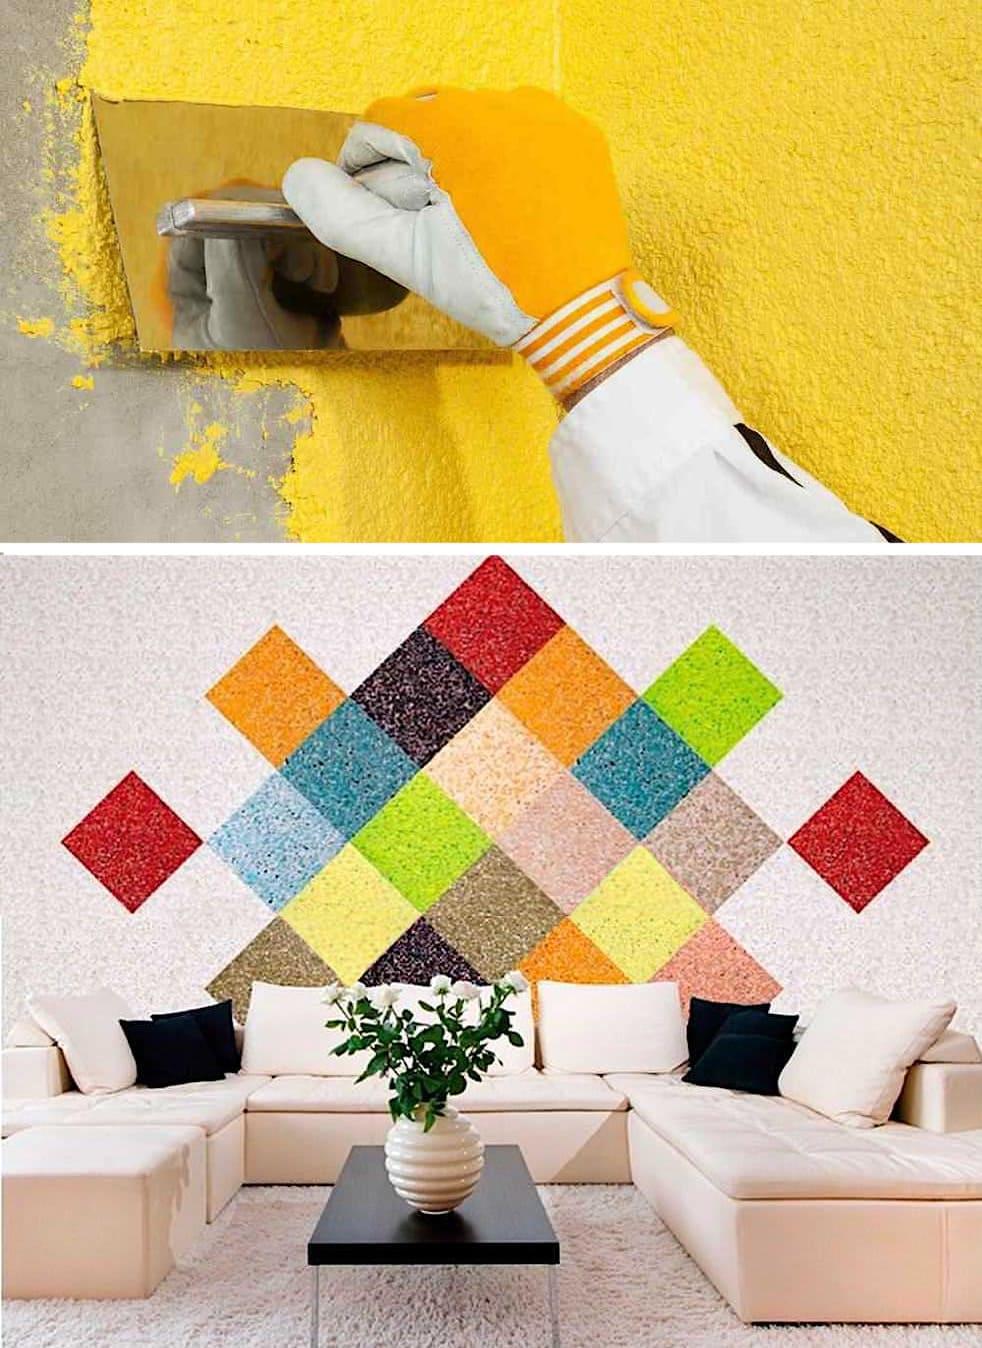 Способ нанесения жидких обоев на стену очень прост, а результат от проделанной работы вас приятно удивит